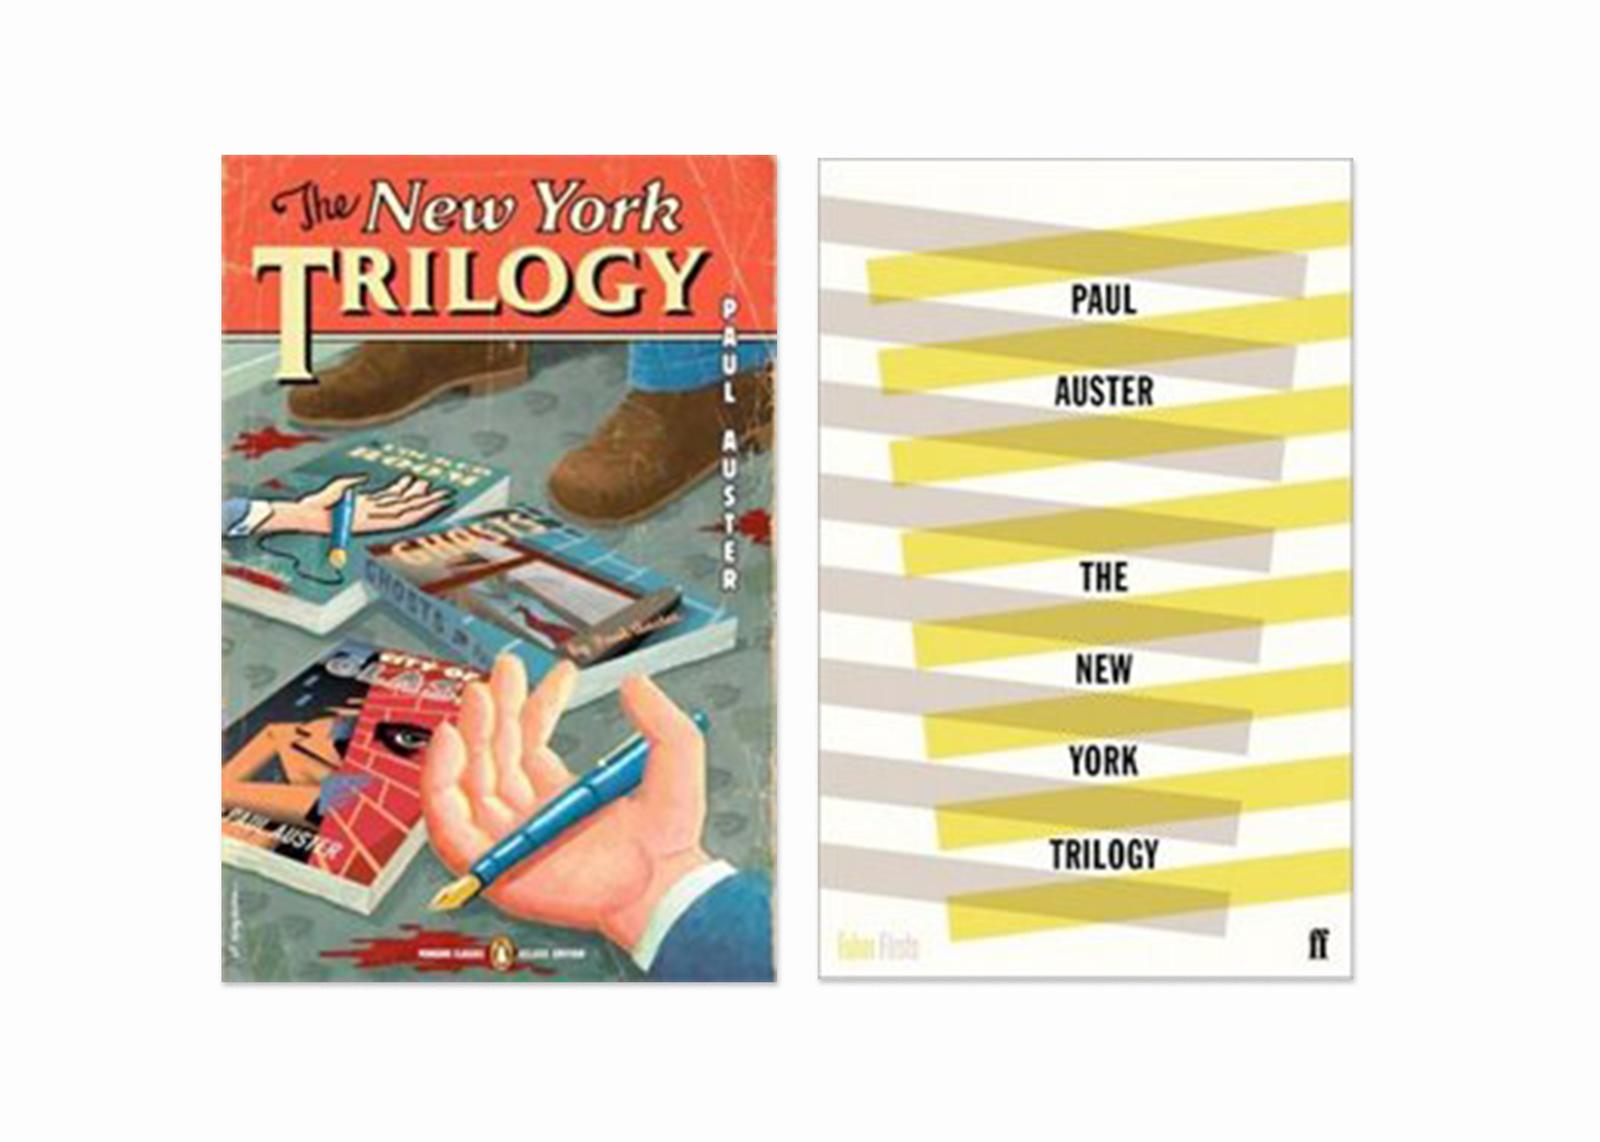 NY Trilogy